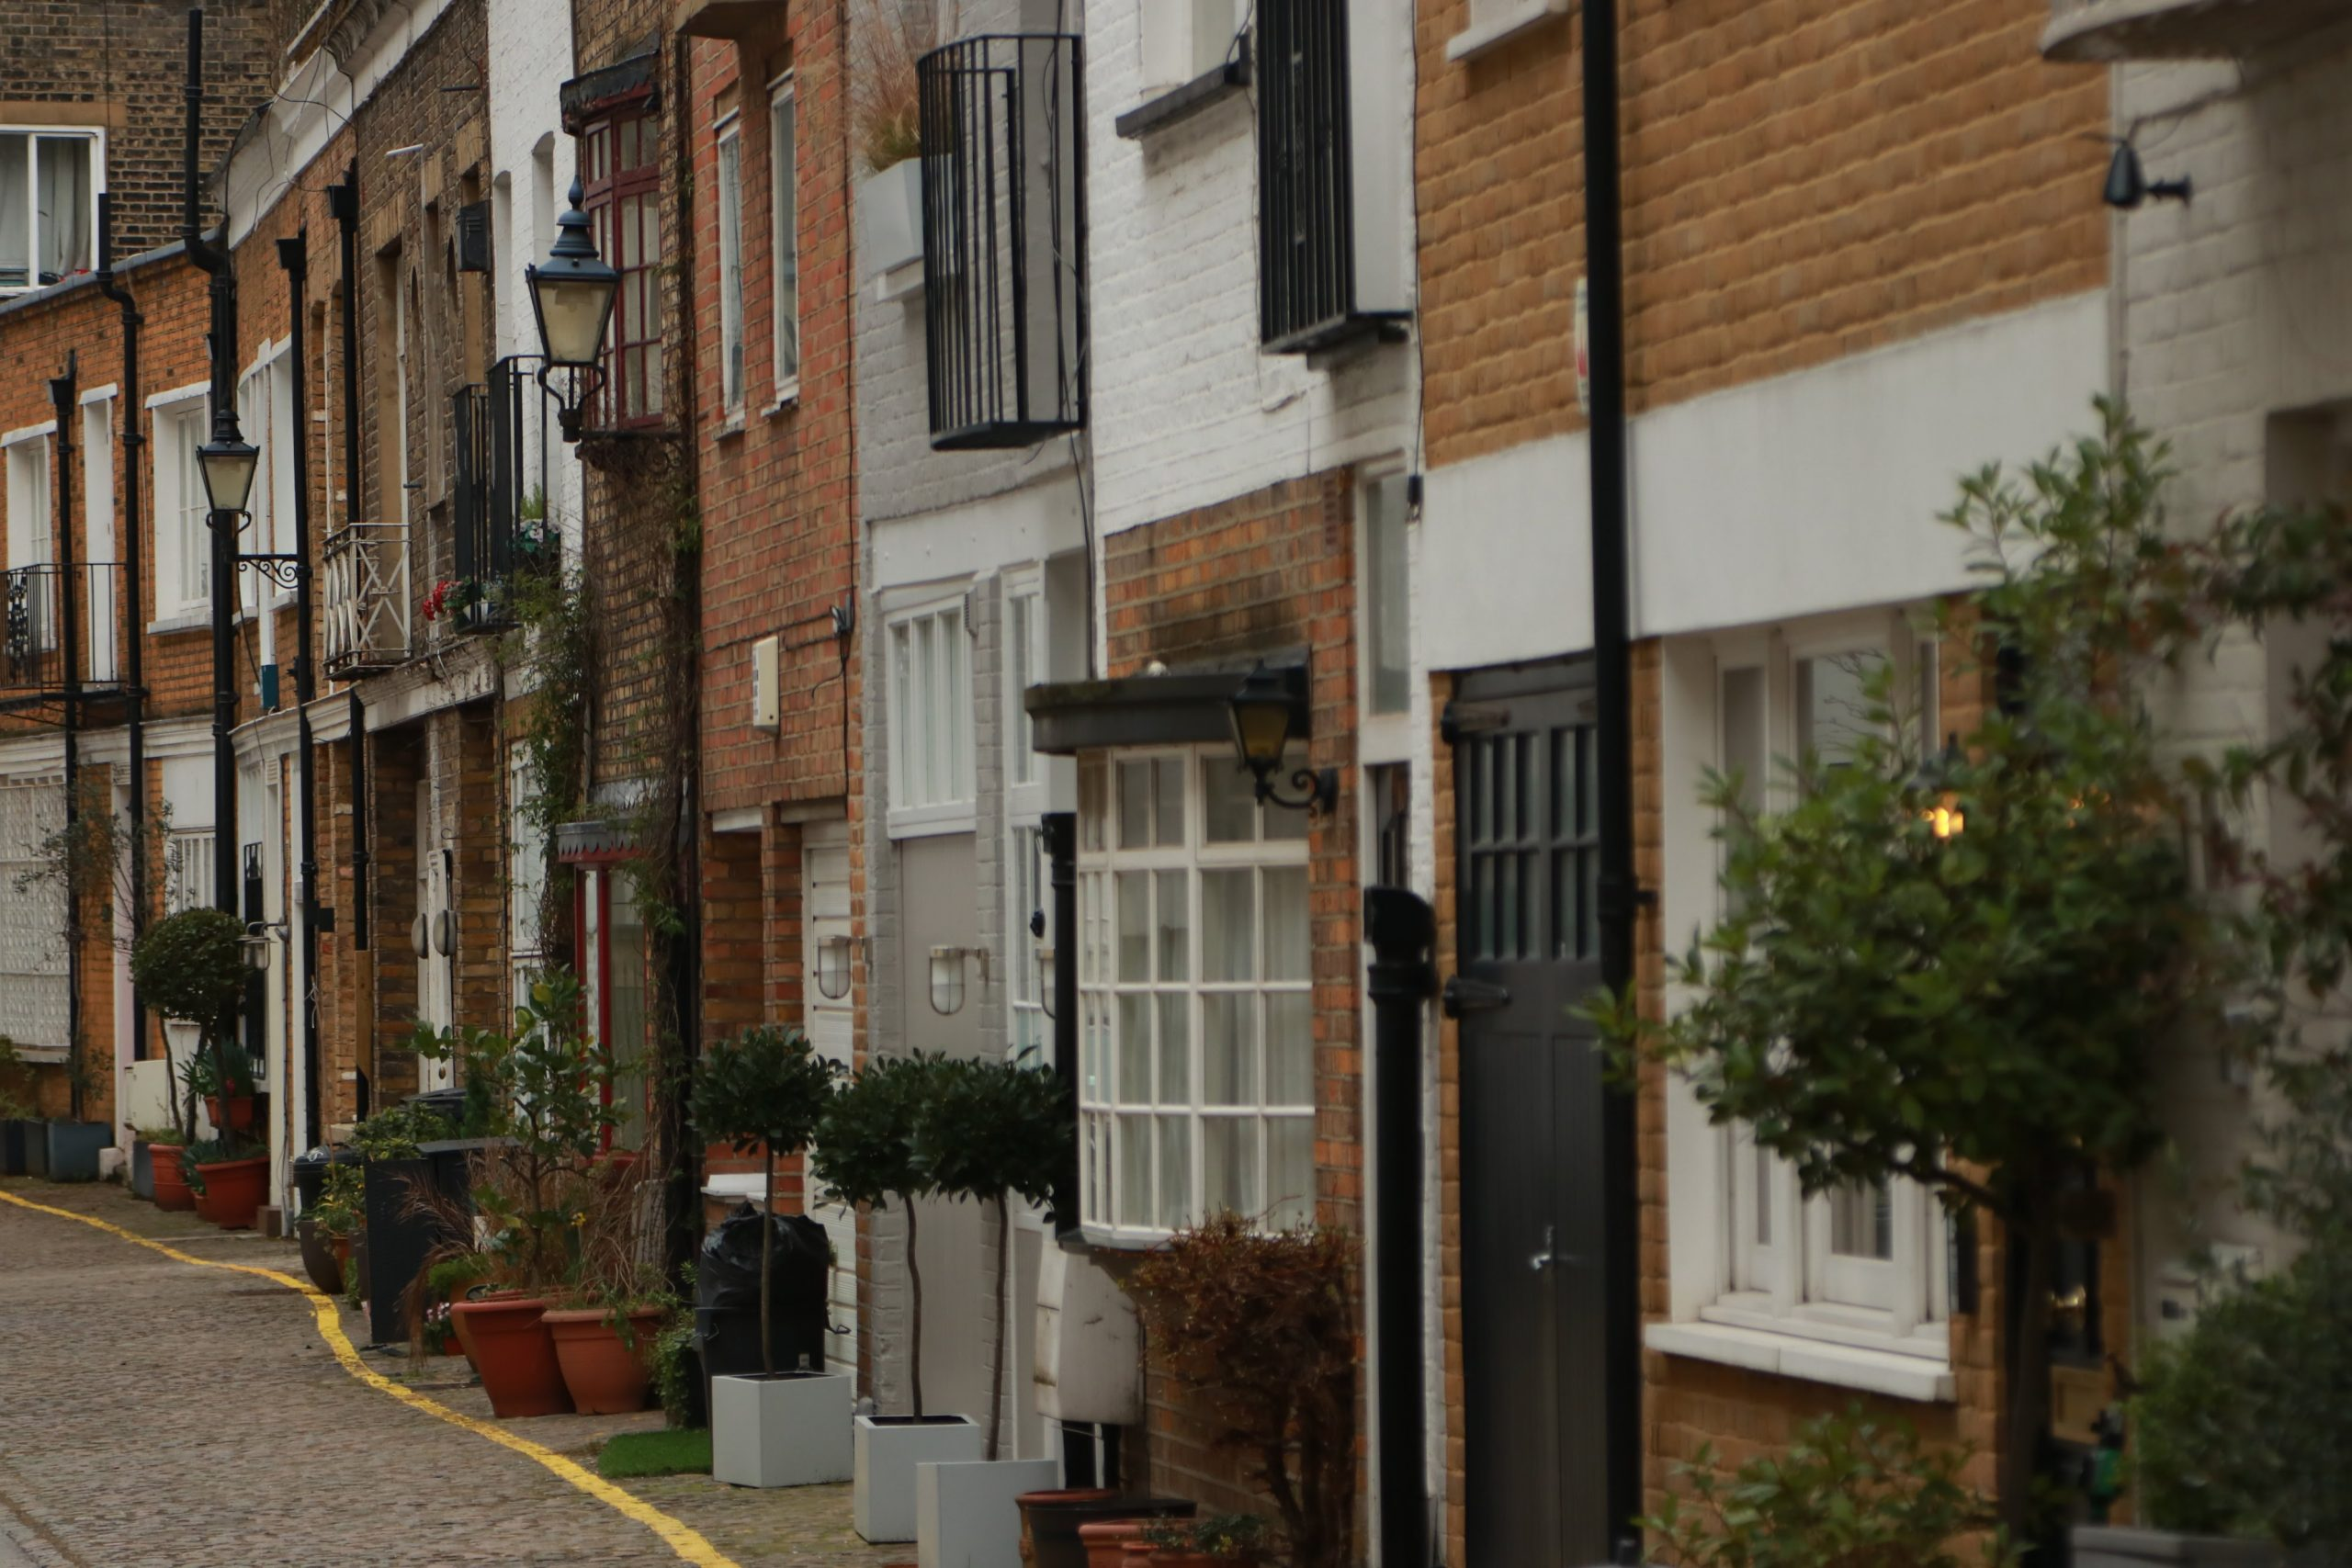 rua em londres com casas tradicionais e hotéis no bairro de kensington